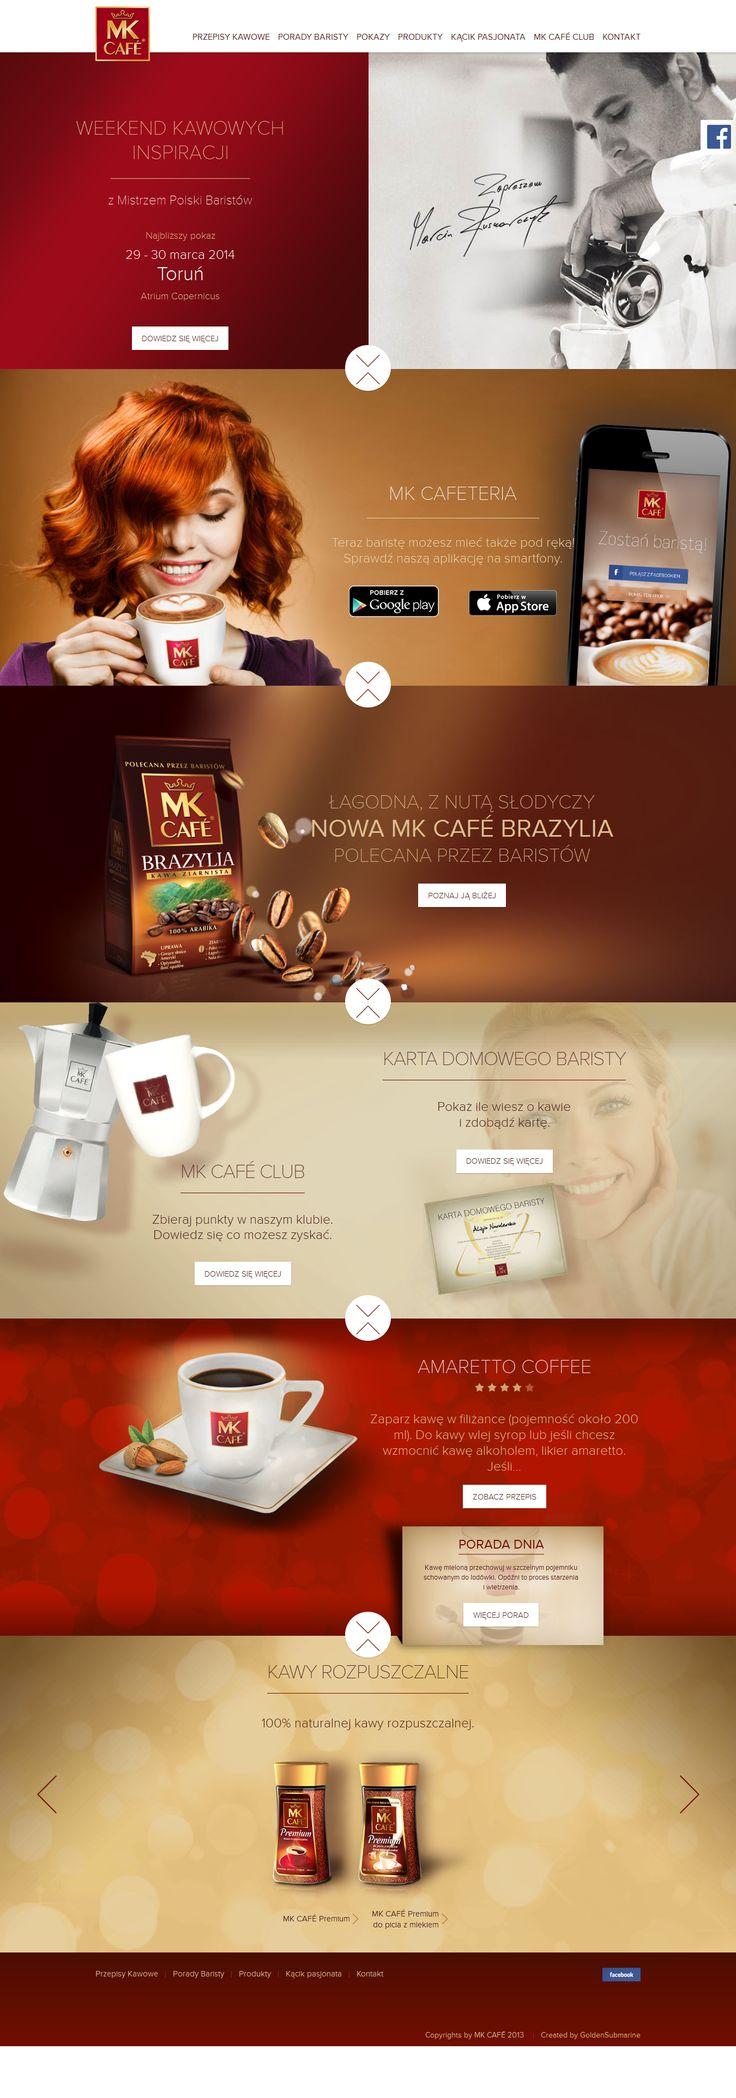 www.mkcafe.pl